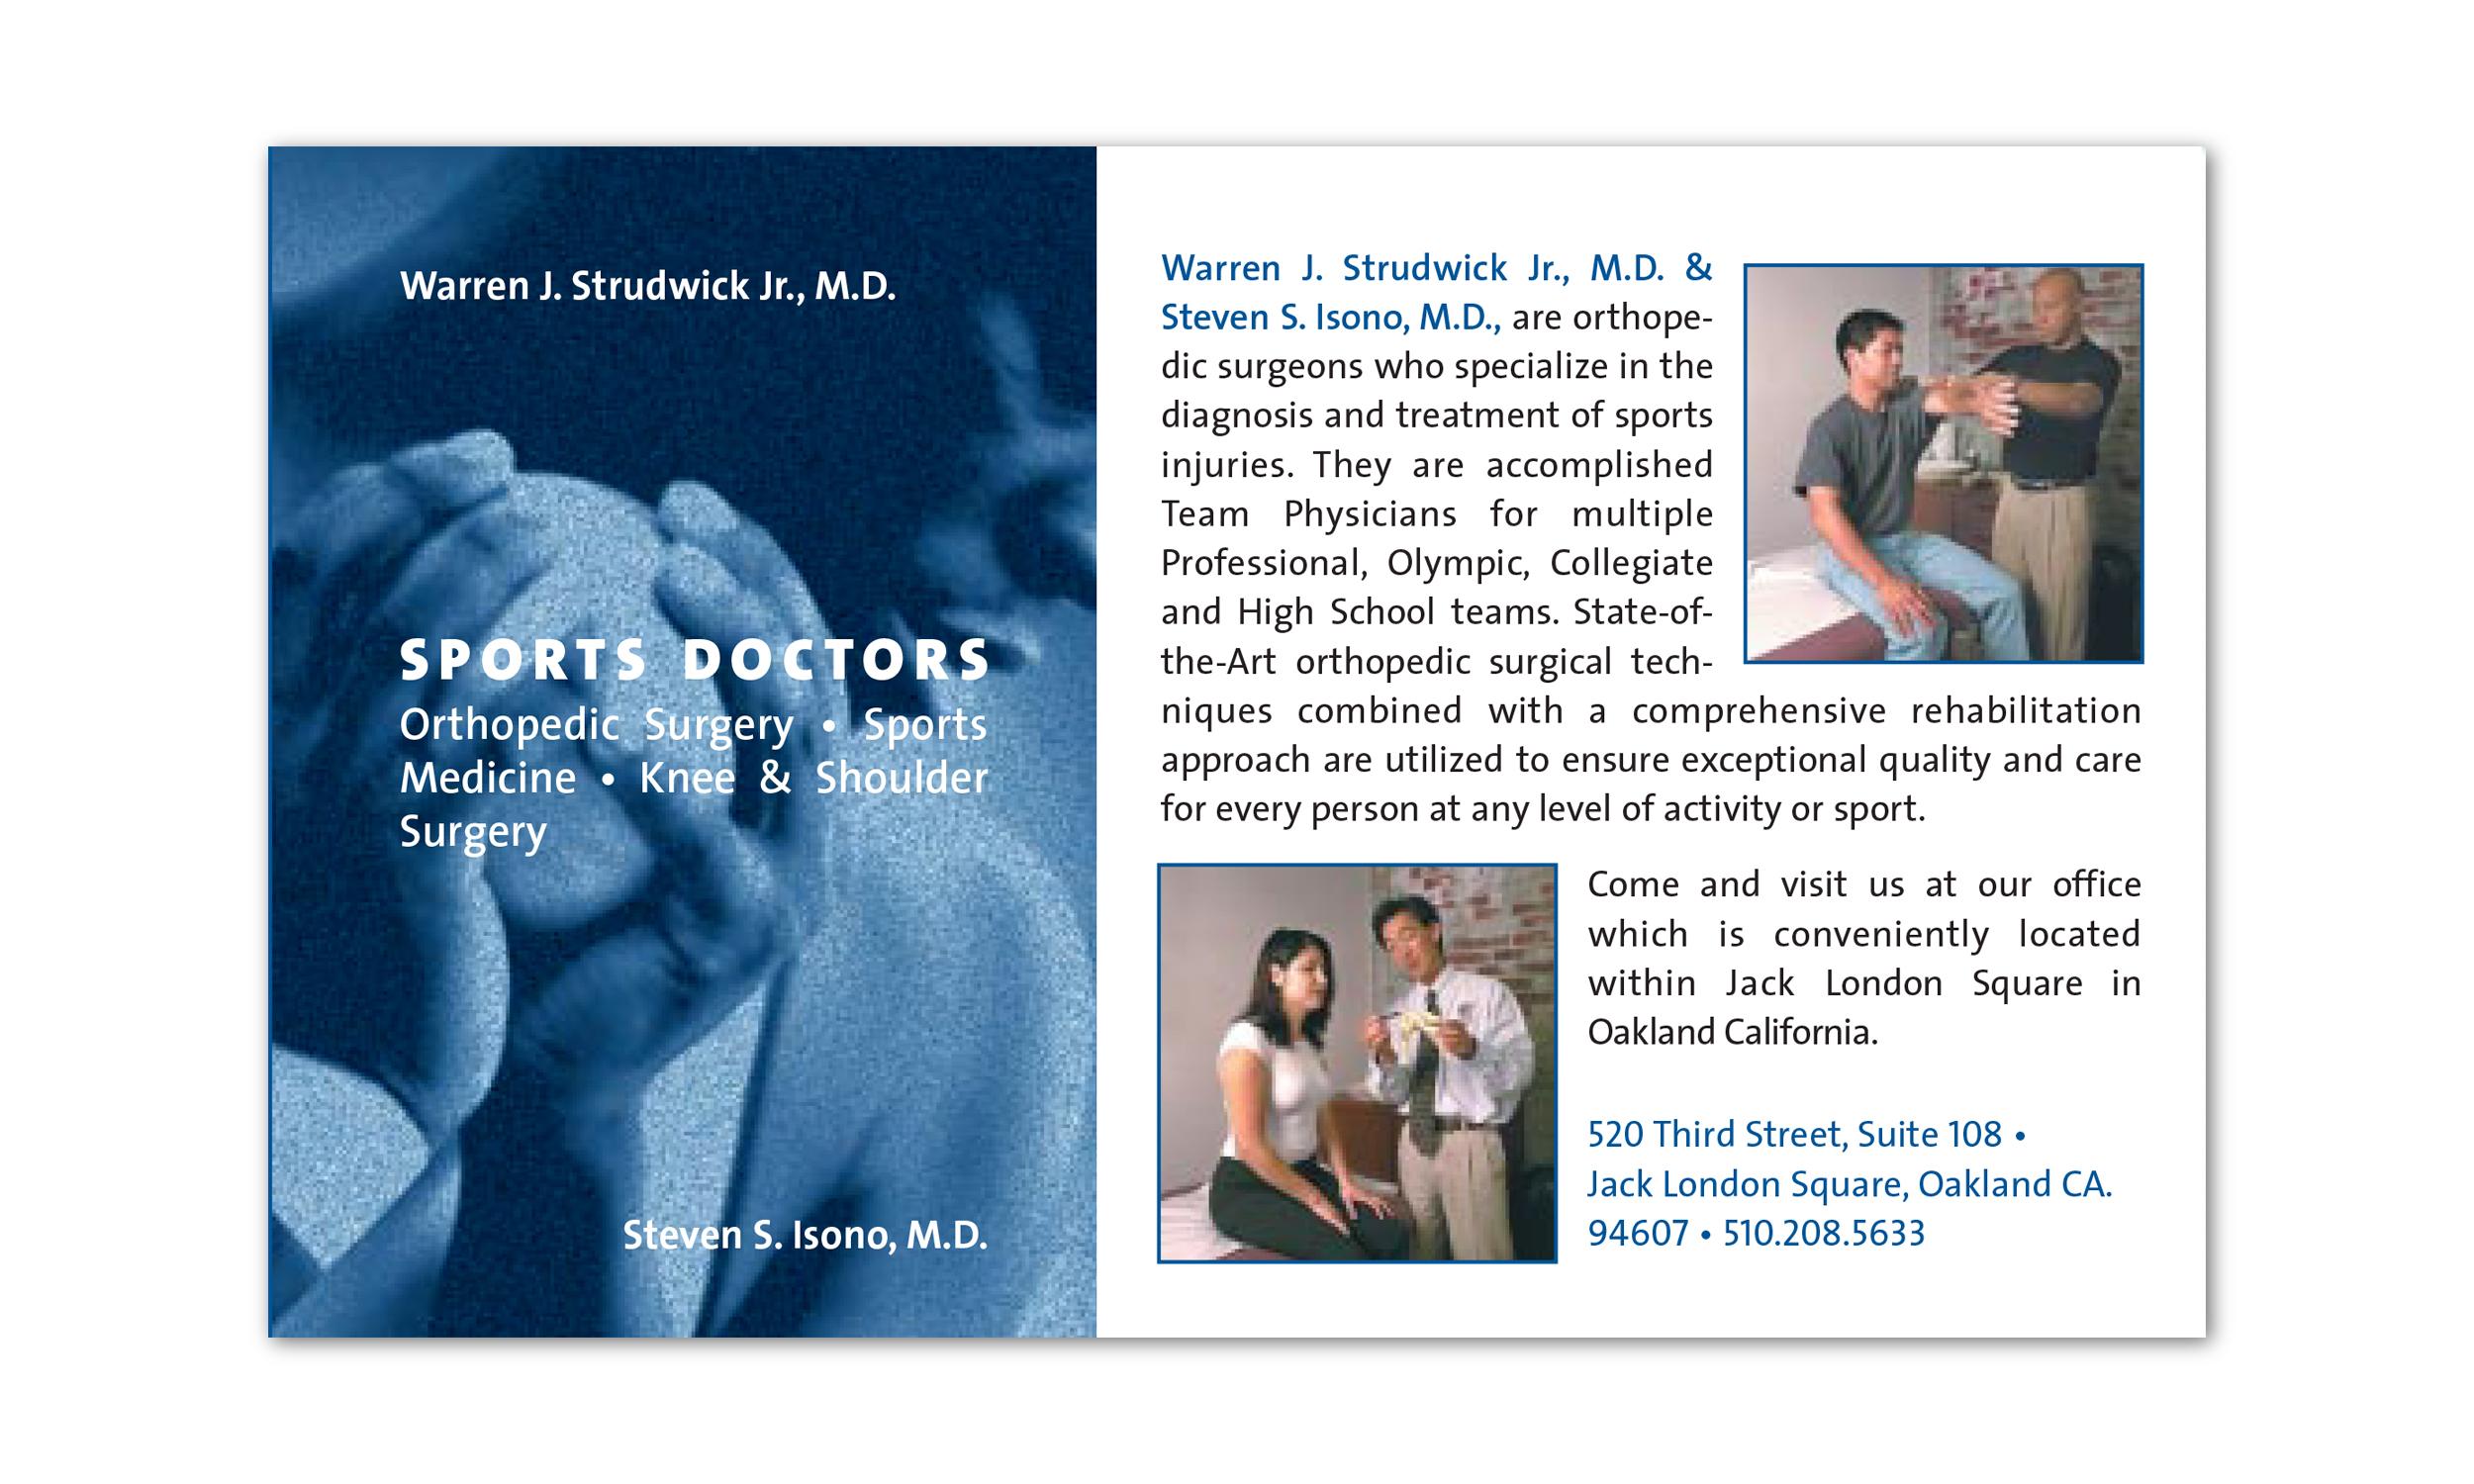 Dr. Warren Strudwick and Dr. Steve Isono